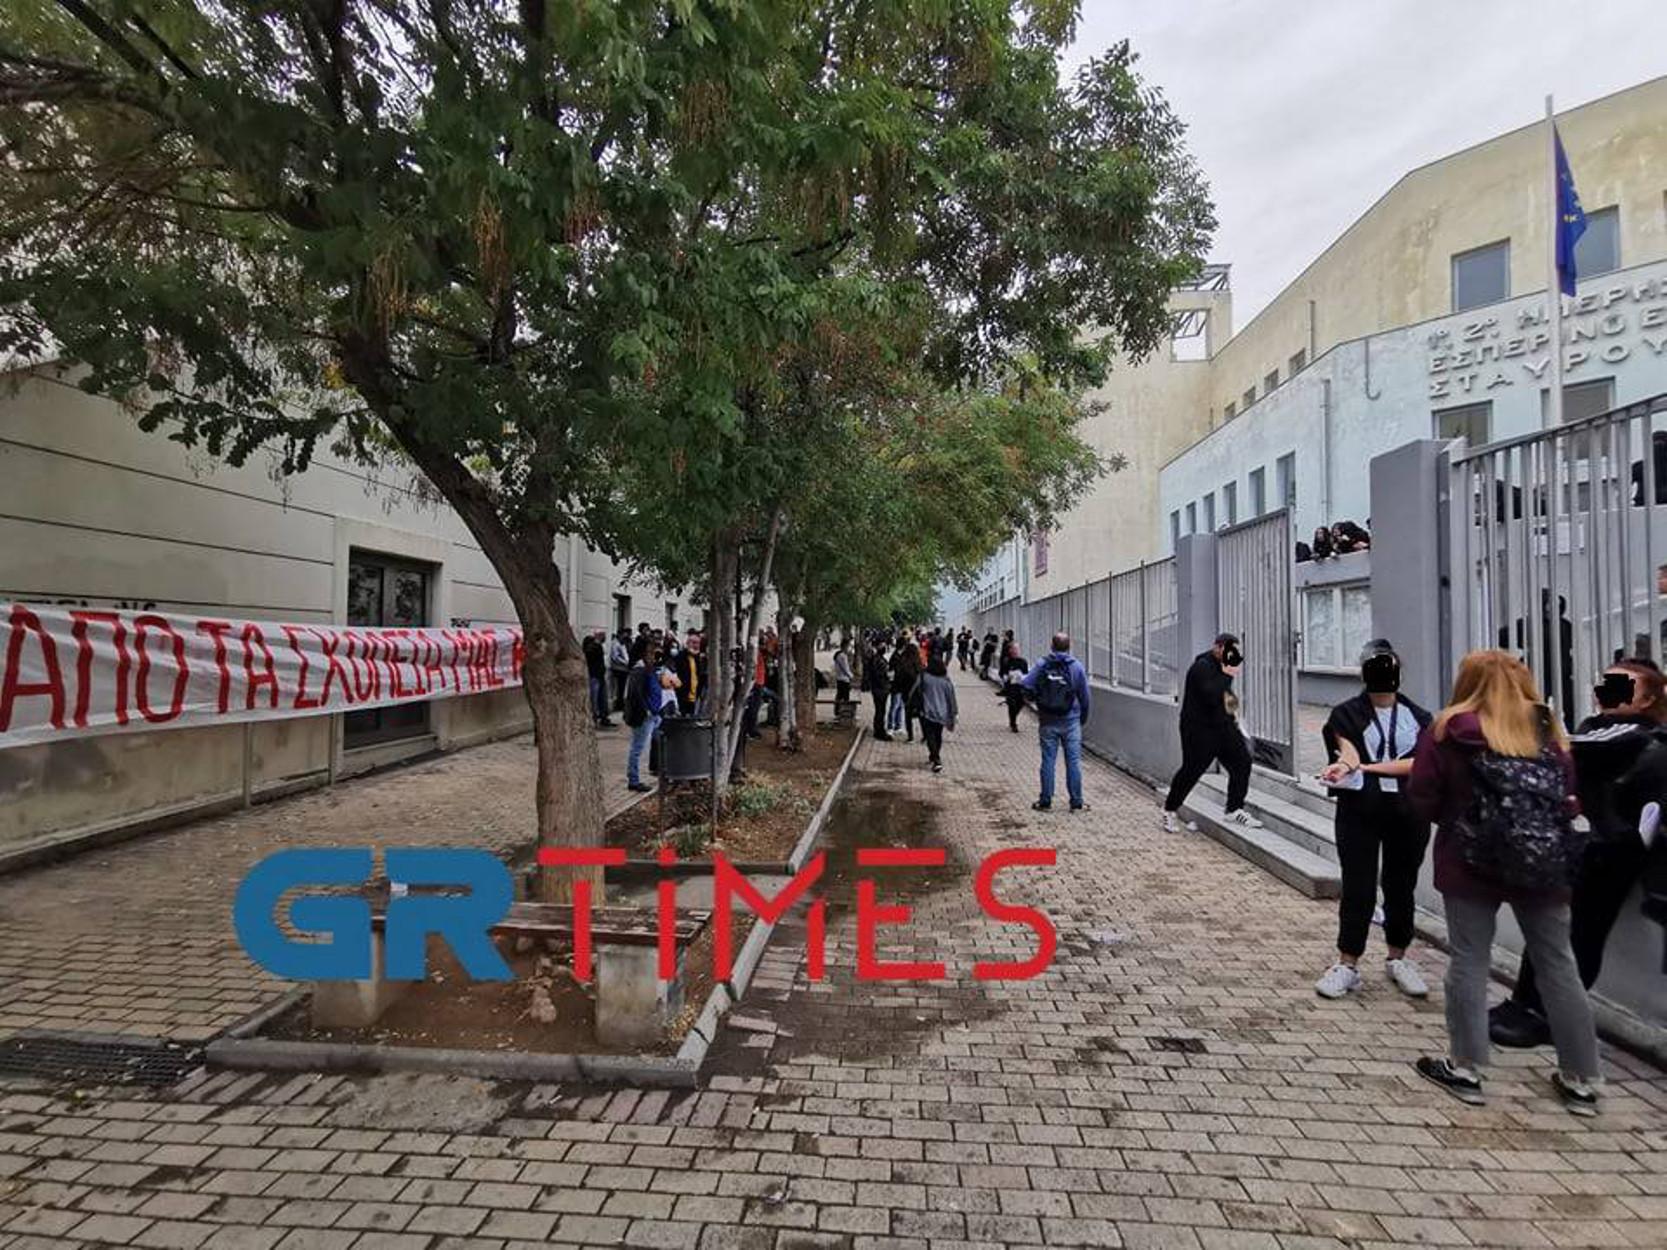 Θεσσαλονίκη – ΕΠΑΛ Σταυρούπολης: Αντιφασιστική συγκέντρωση μετά τα άγρια επεισόδια έξω από το σχολείο